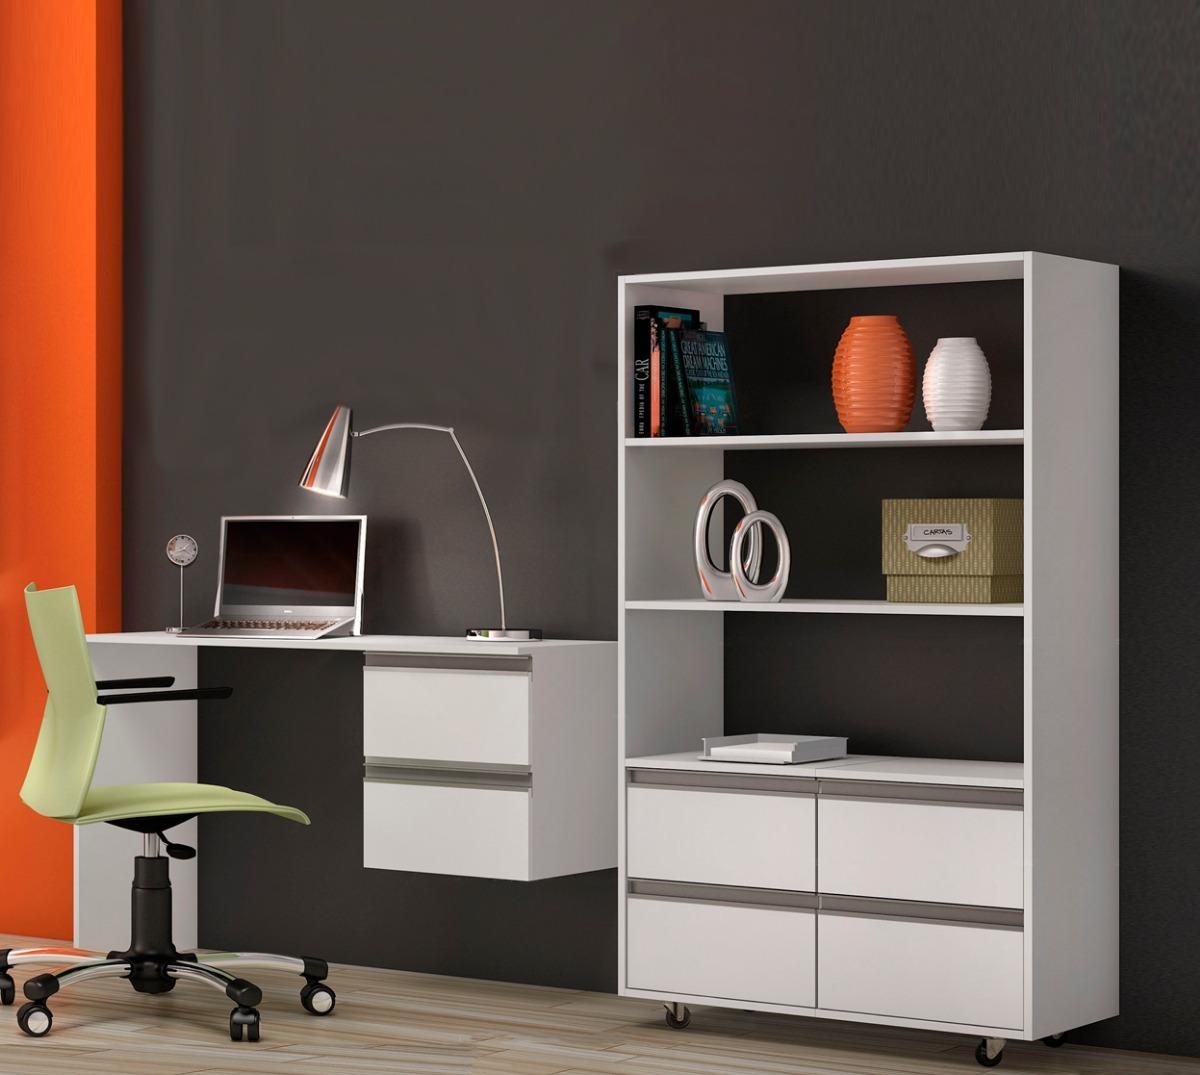 Escritorio Biblioteca Mesas De Pc Estante Muebles De Oficina  # Muebles Leandro